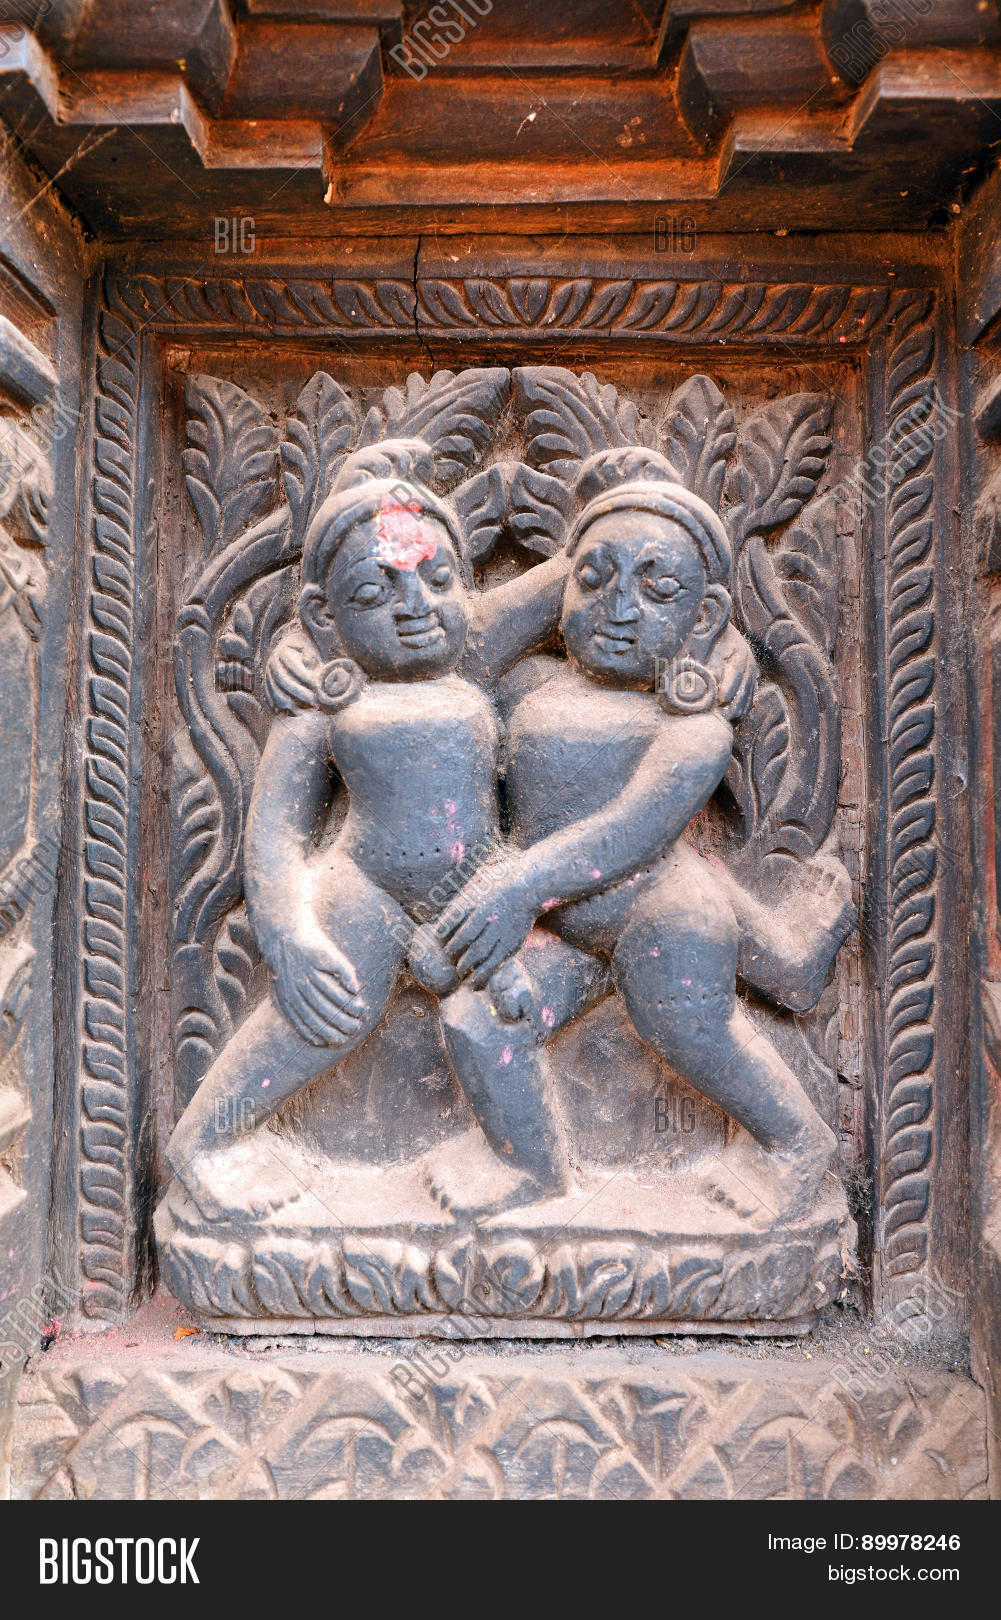 Erotic wood carving art